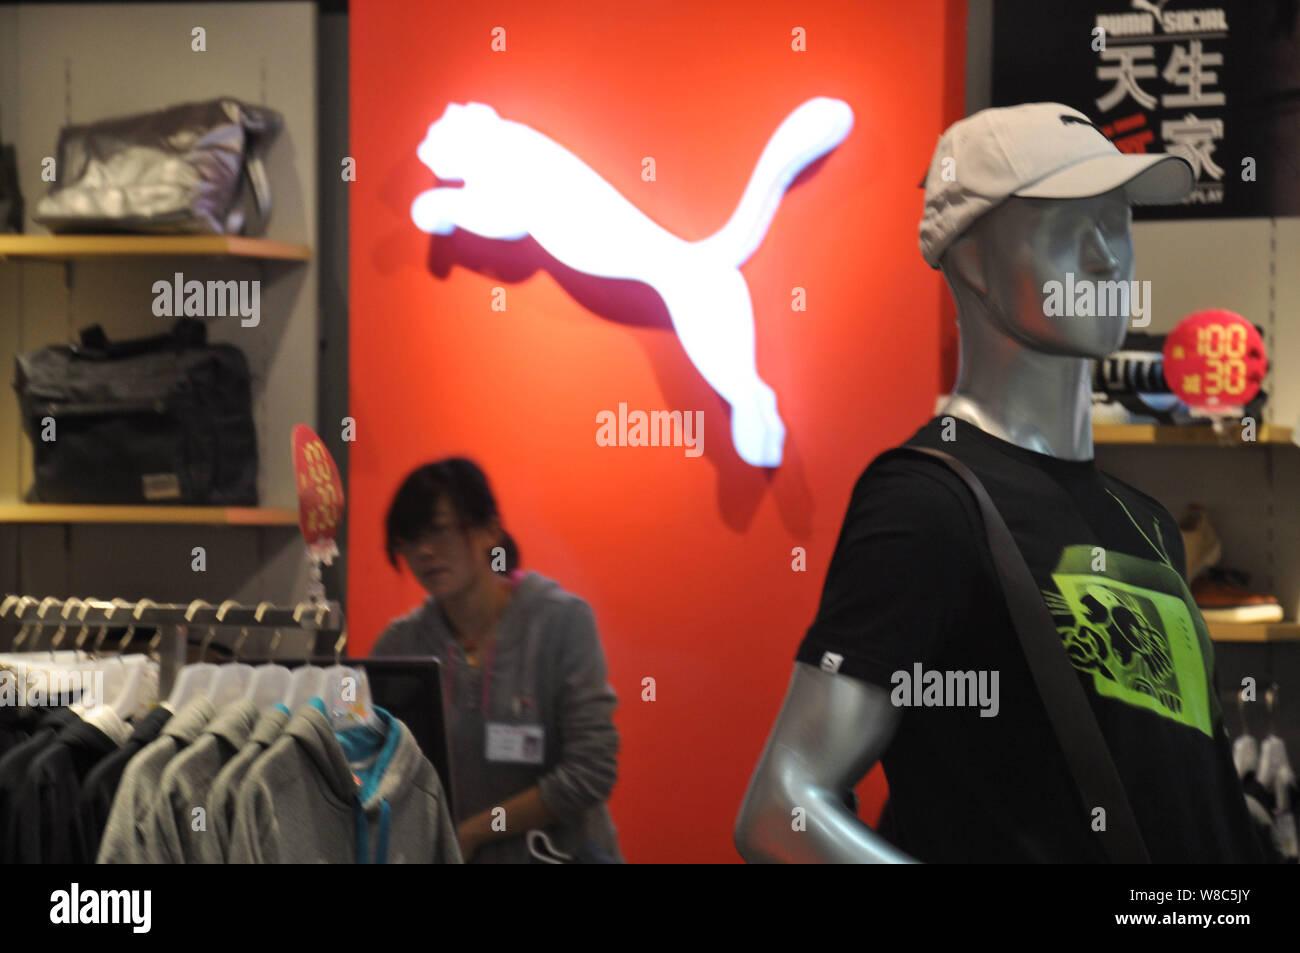 Puma Store Stockfotos & Puma Store Bilder Seite 2 Alamy